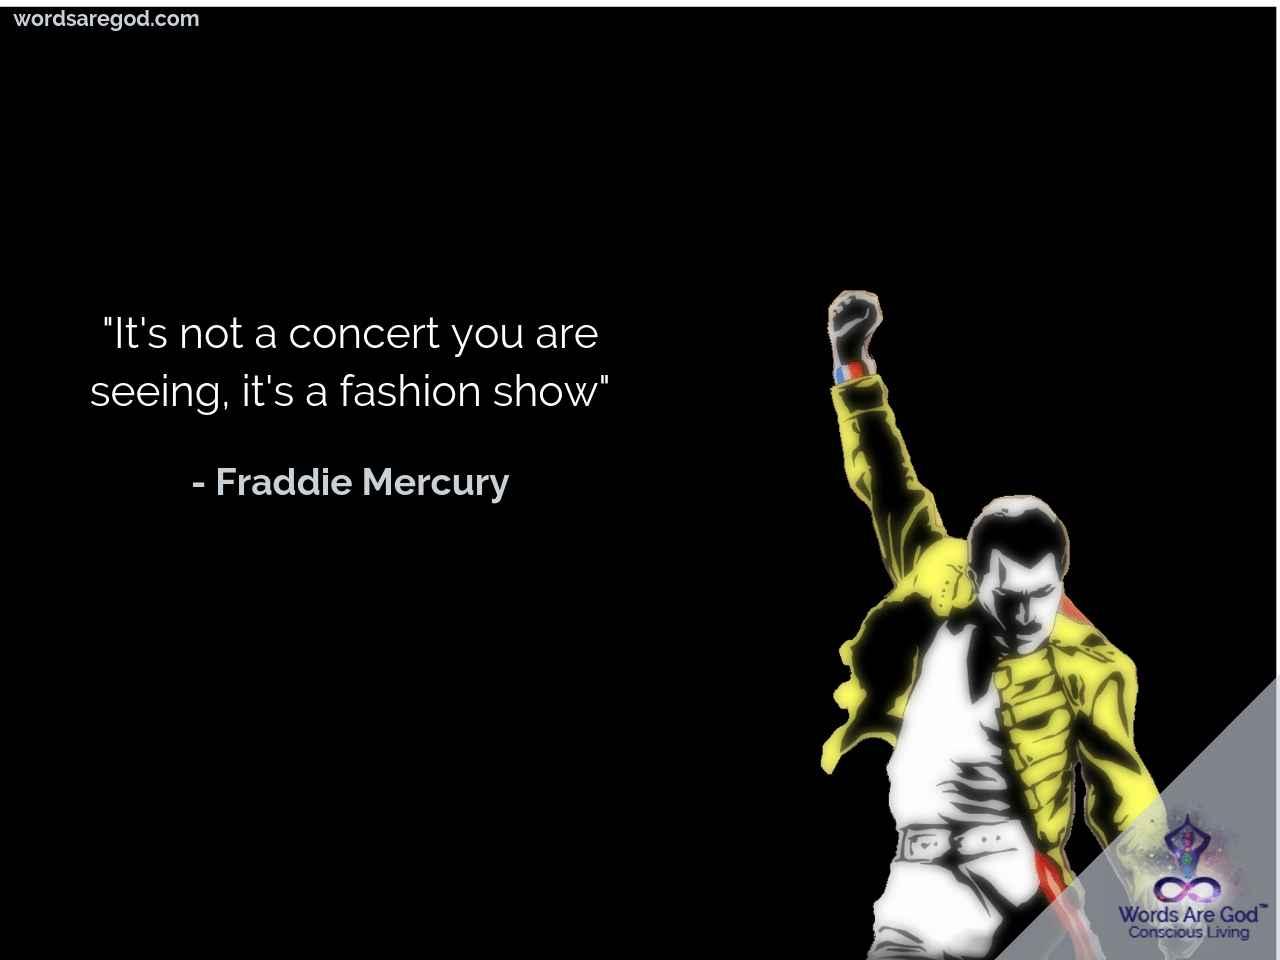 Freddie Mercury Best quote